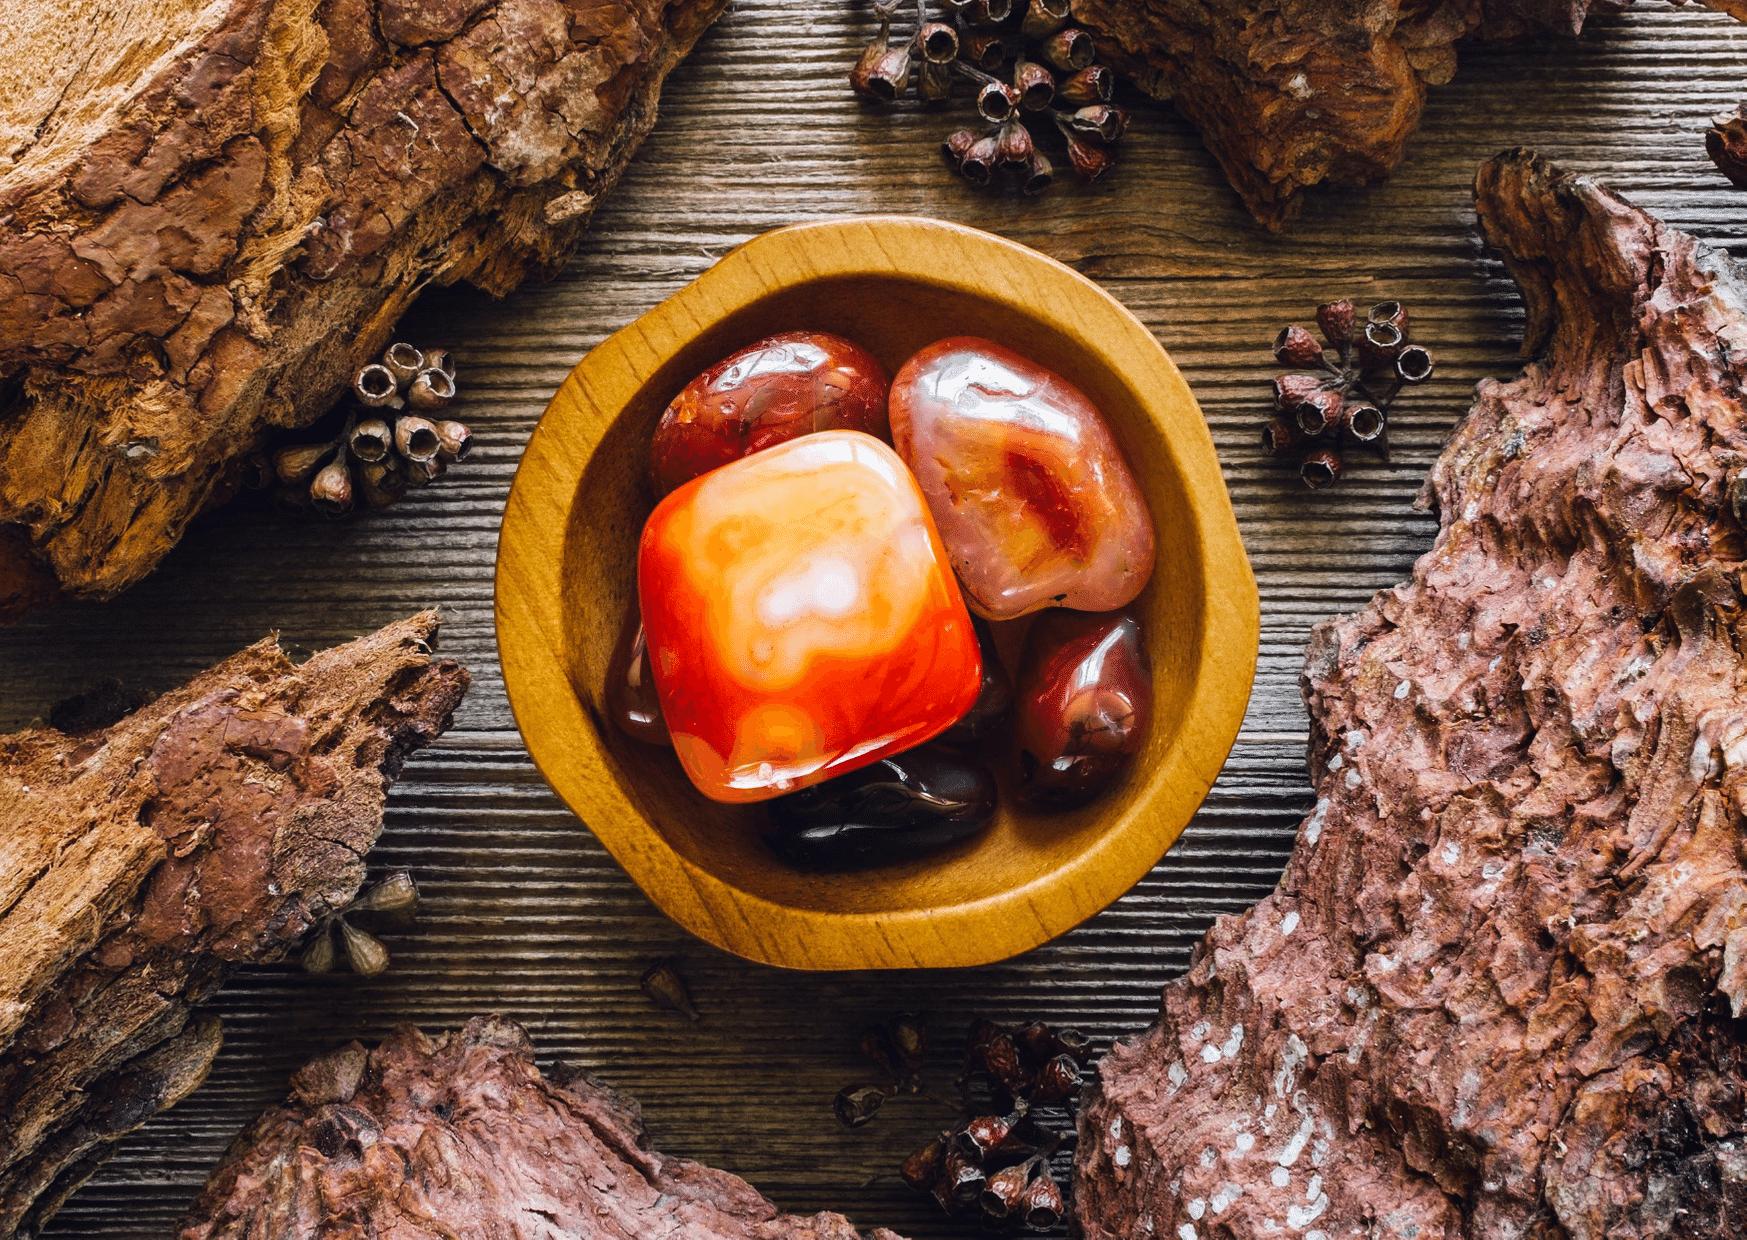 pierres cornaline dans bol marron entouré de bois